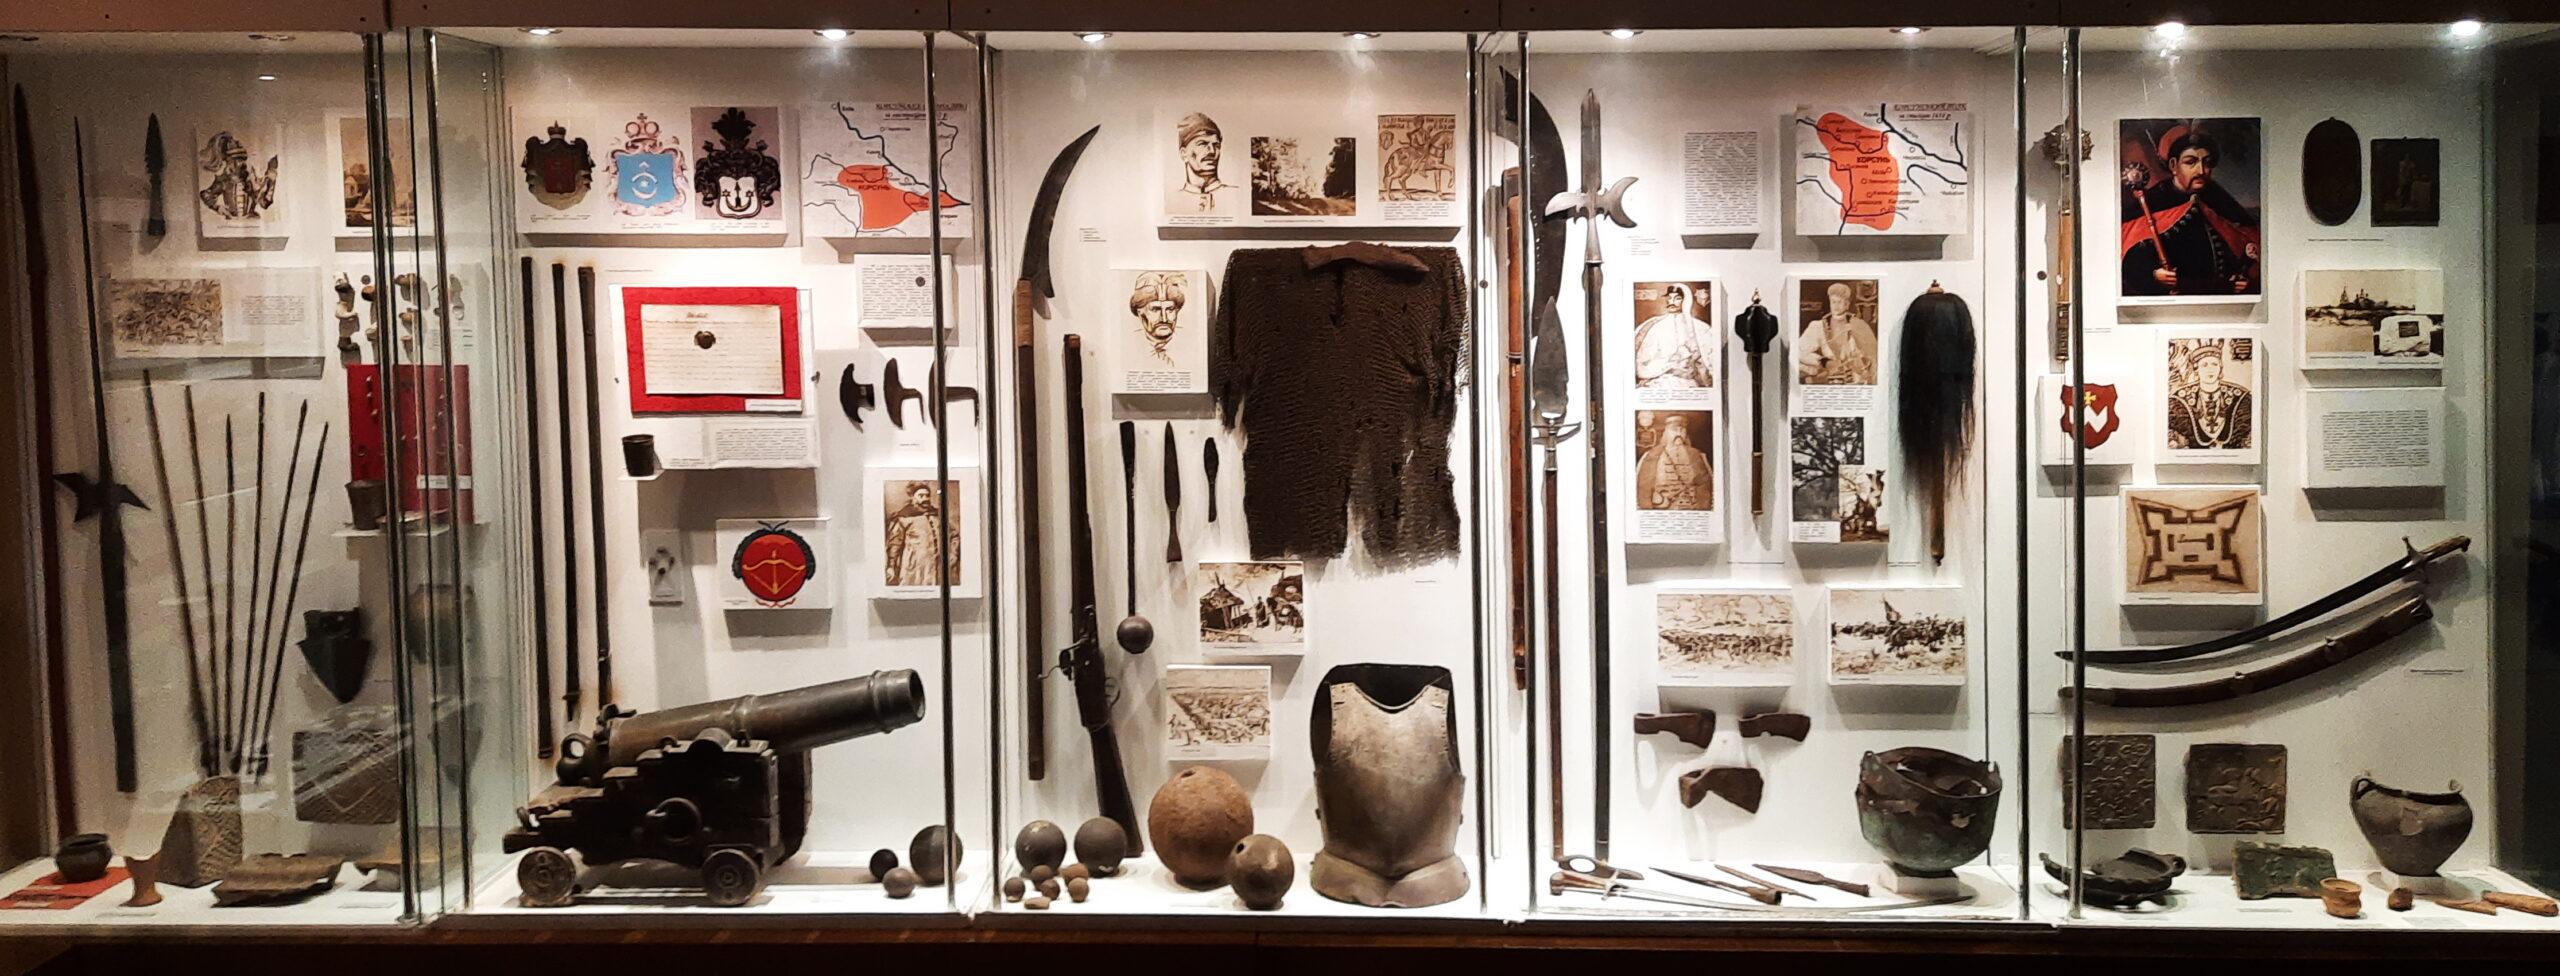 Історичний музей фото козацтво